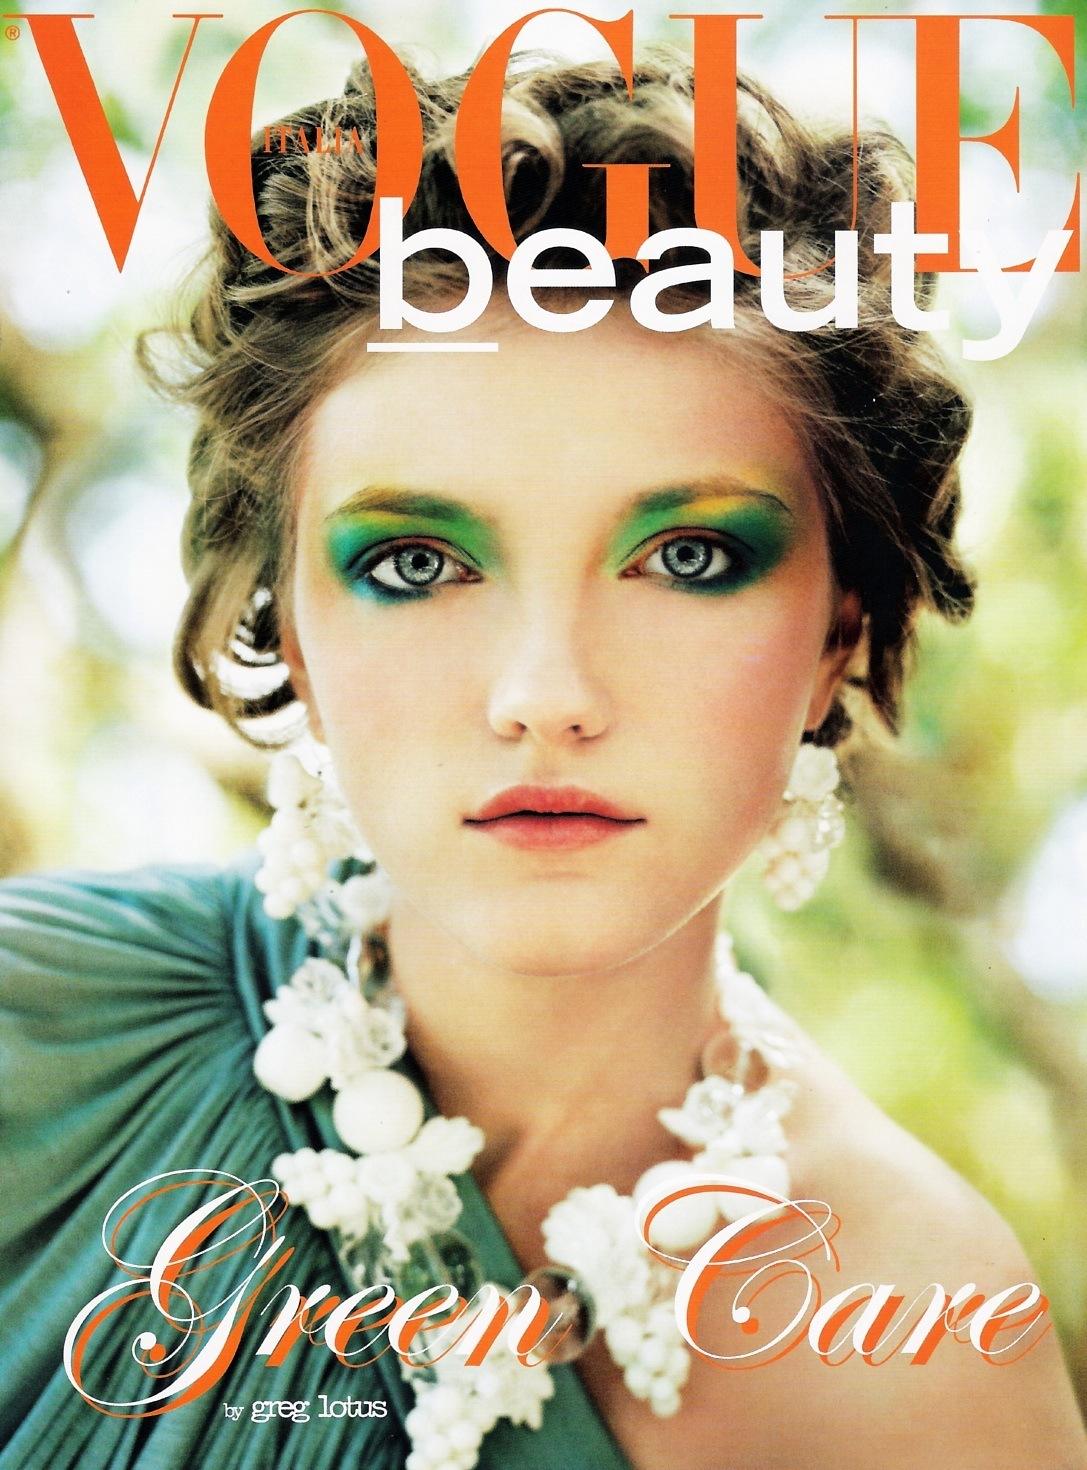 Влада Рослякова vogue beauty